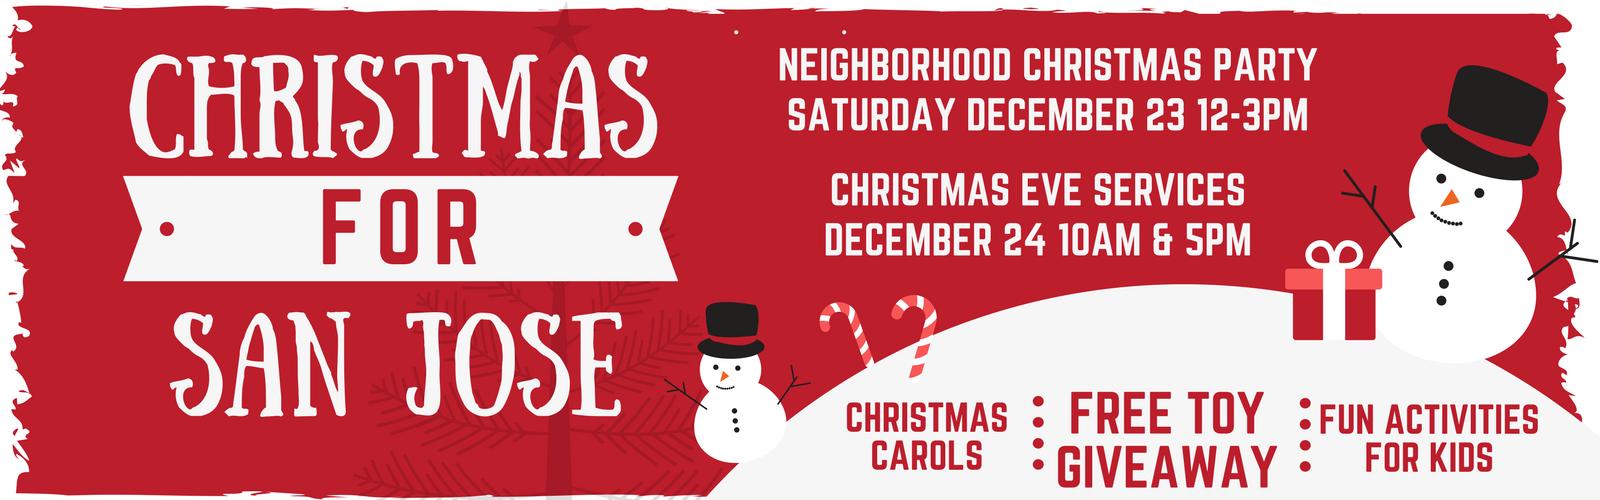 Christmas for San Jose